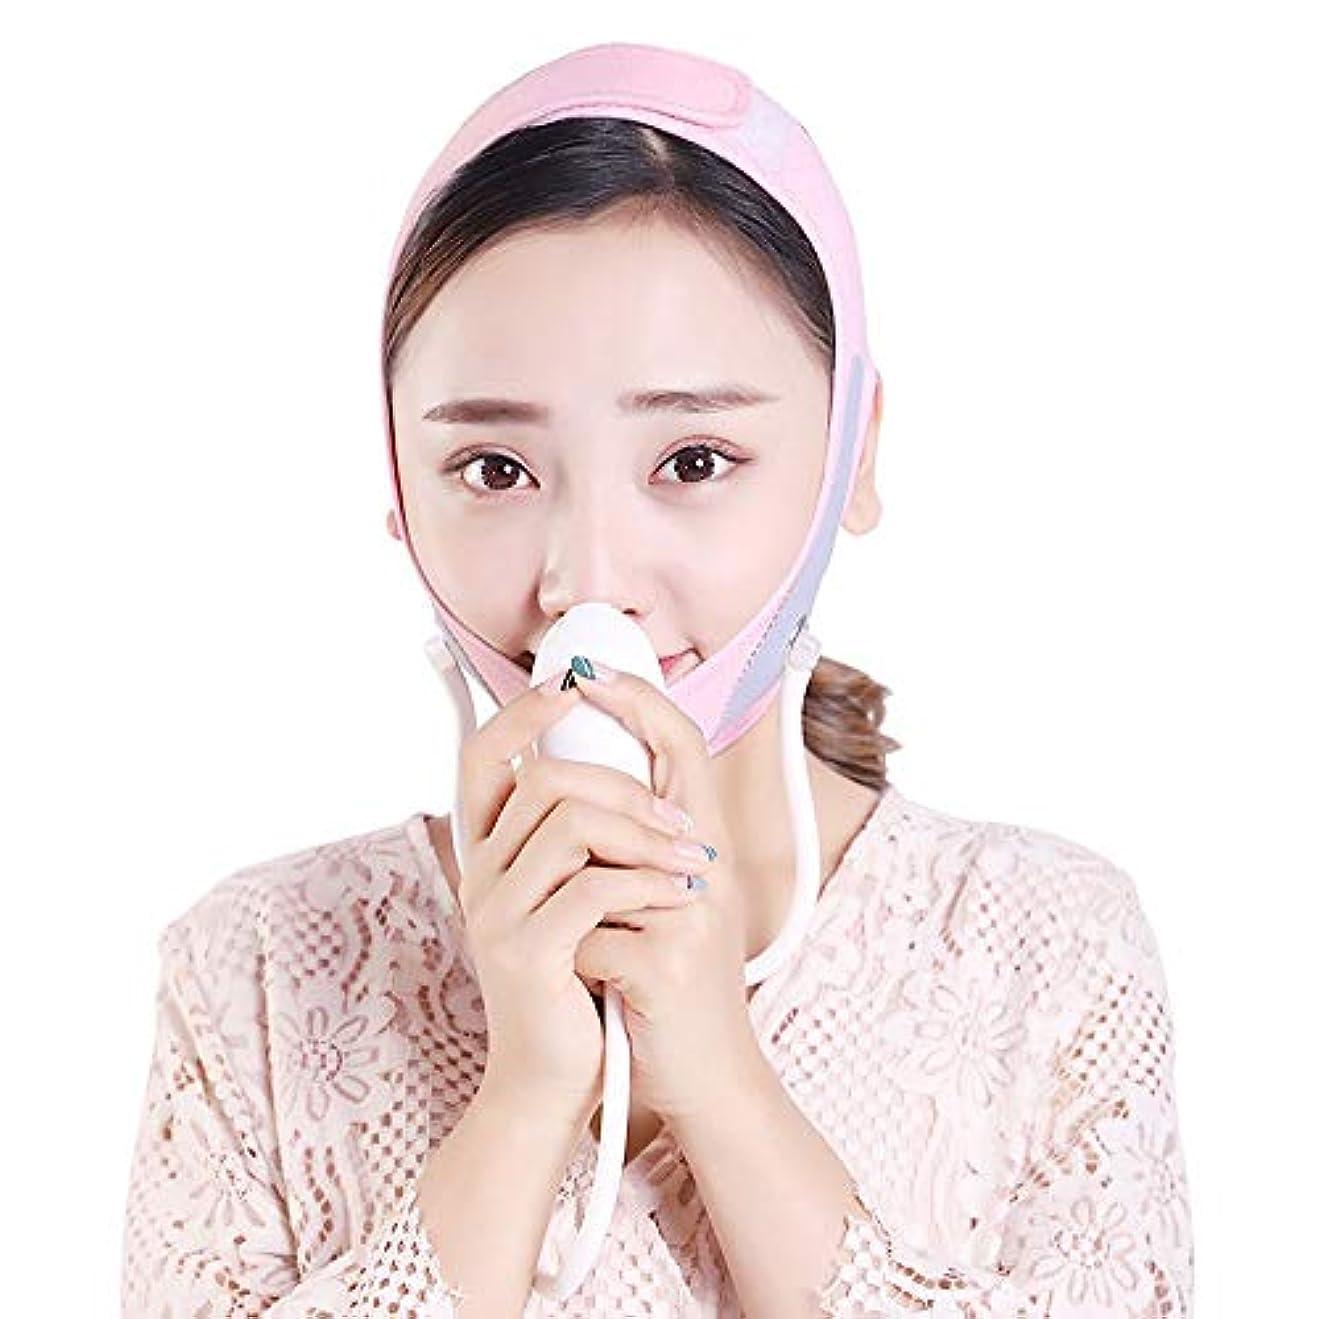 ハーブドラフト真実Jia Jia- インフレータブル調節可能なフェイスリフトアーチファクト包帯をダブルチンリフト引き締めカラスの足one骨のサイズV顔ユニセックス - ピンク 顔面包帯